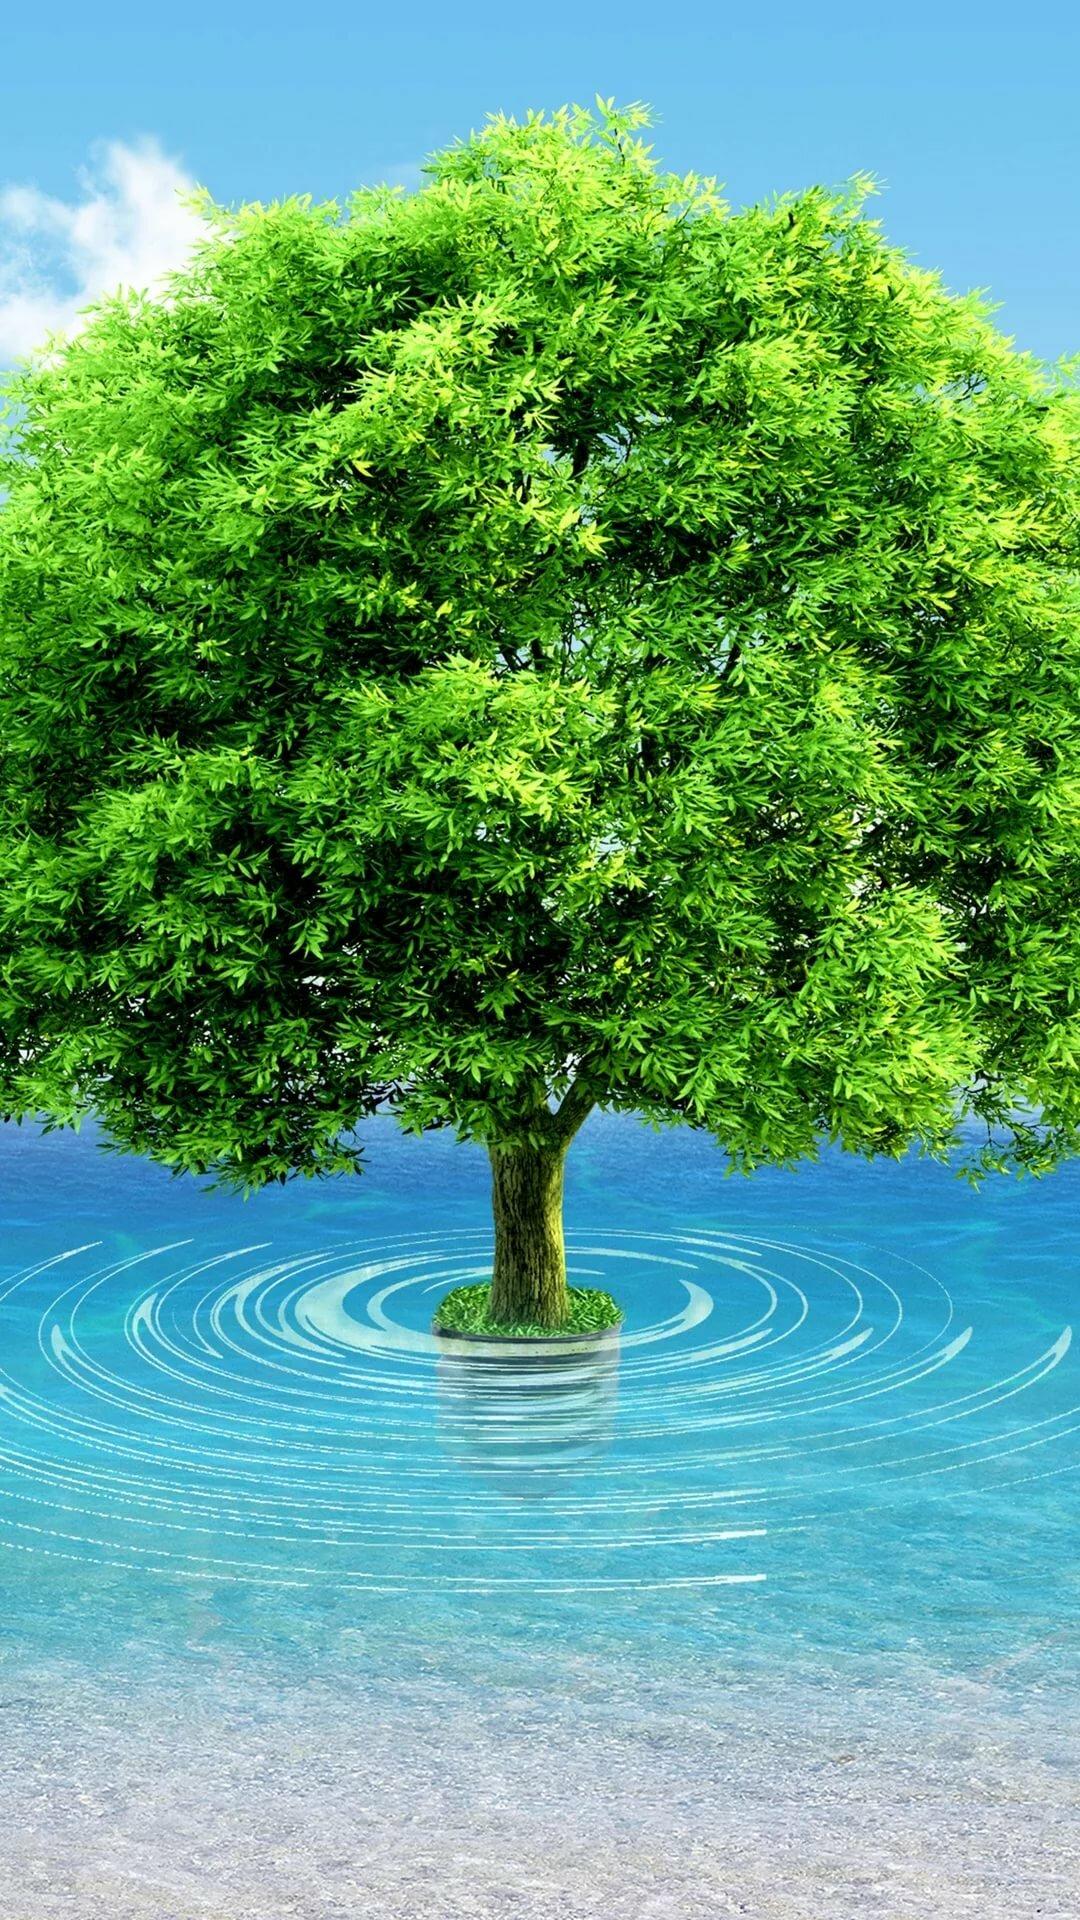 цветоводов рисунок с деревом и водой это одежда, которая